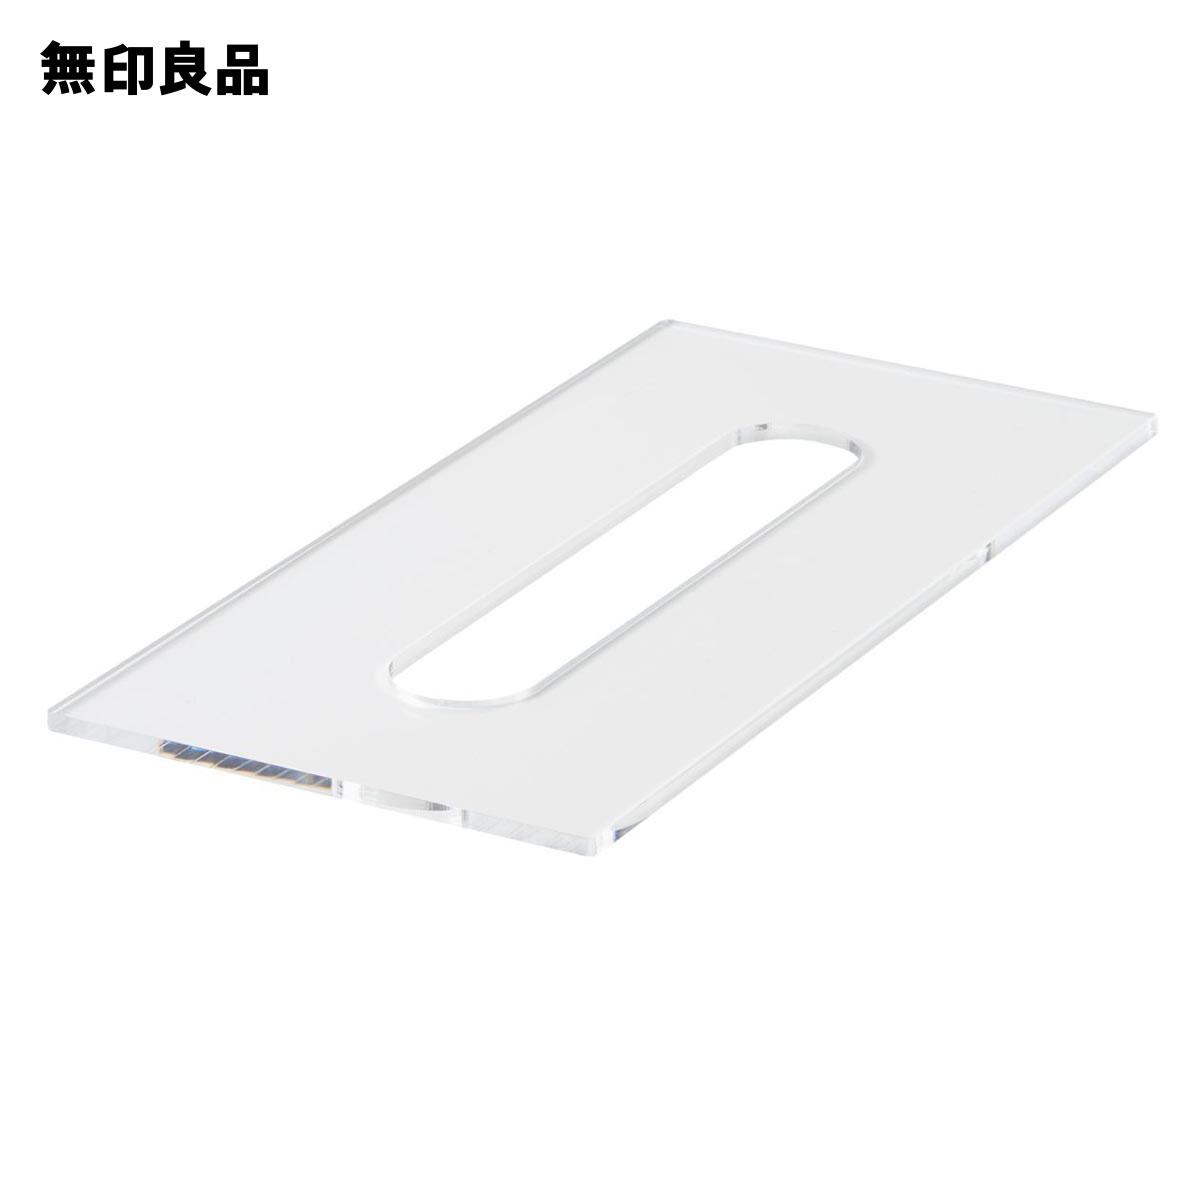 【無印良品 公式】 重なるアクリルボックス・ティシュー用フタ 約幅24.6×奥行12cm